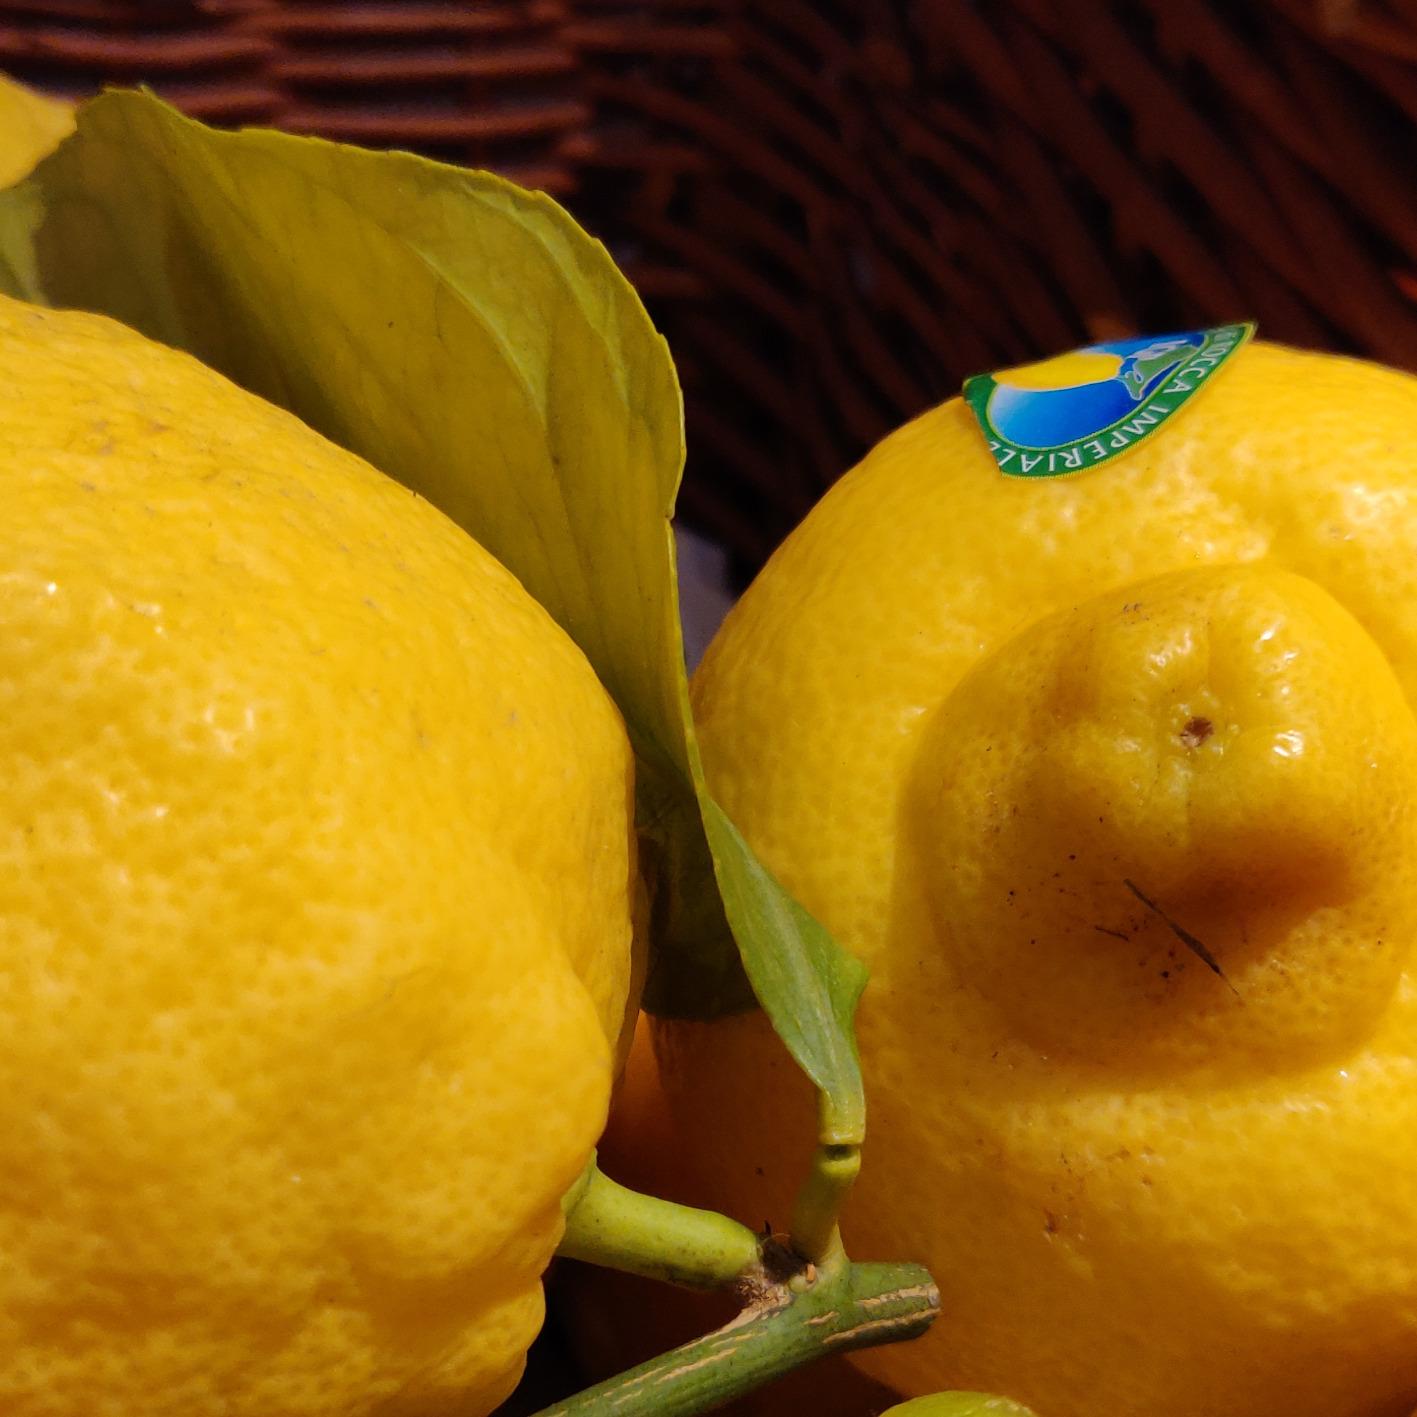 Zitronen, unbehandelt